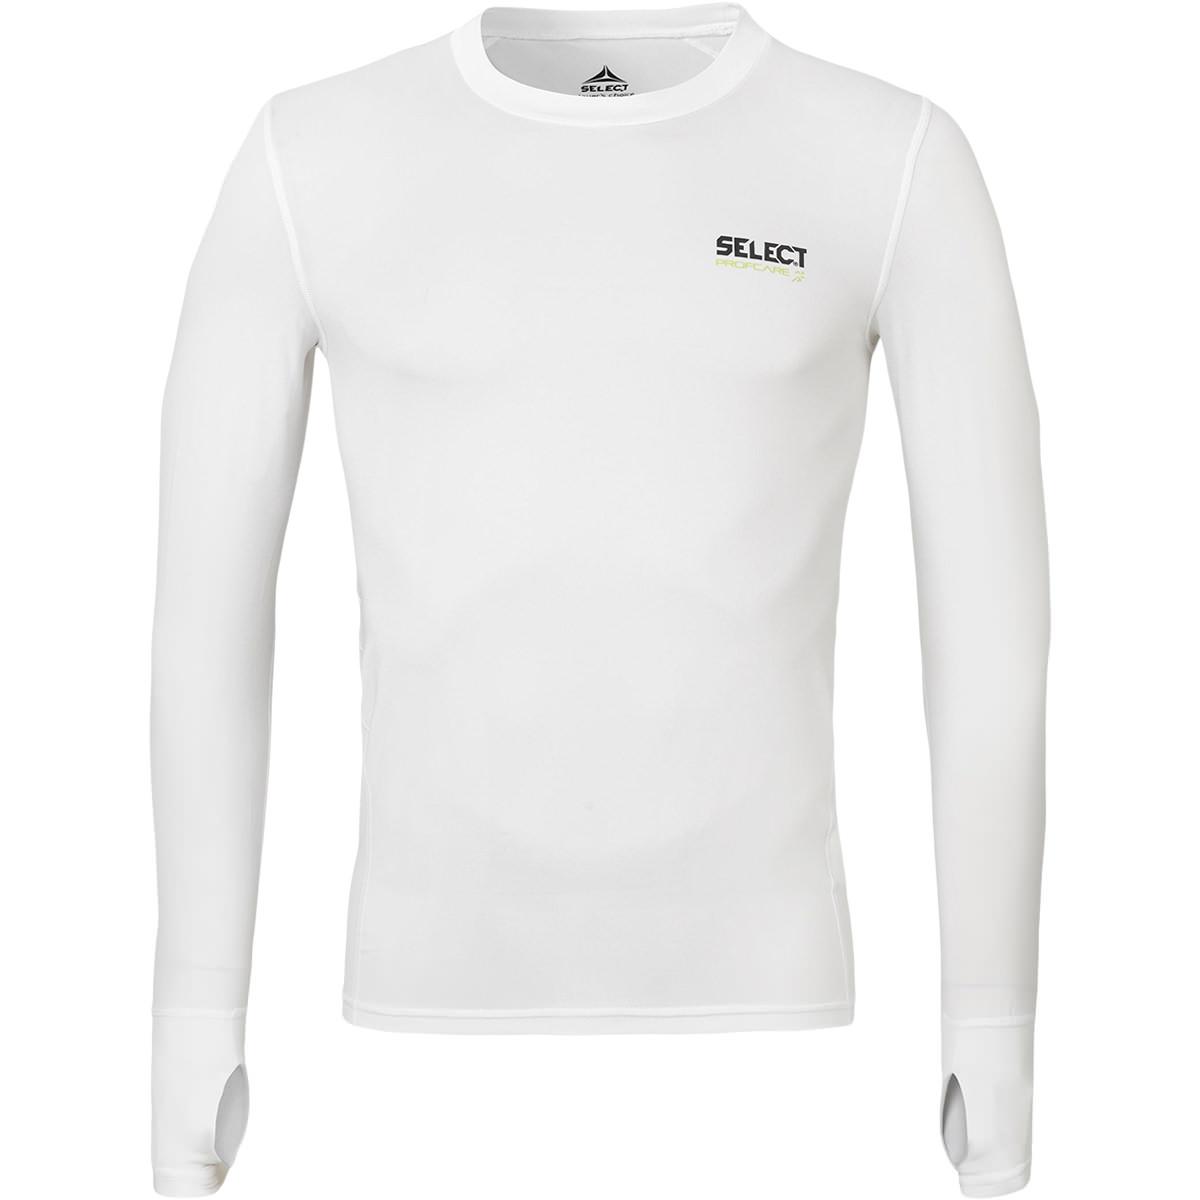 Select Kompression Langærmet T-shirt 6902 Herre